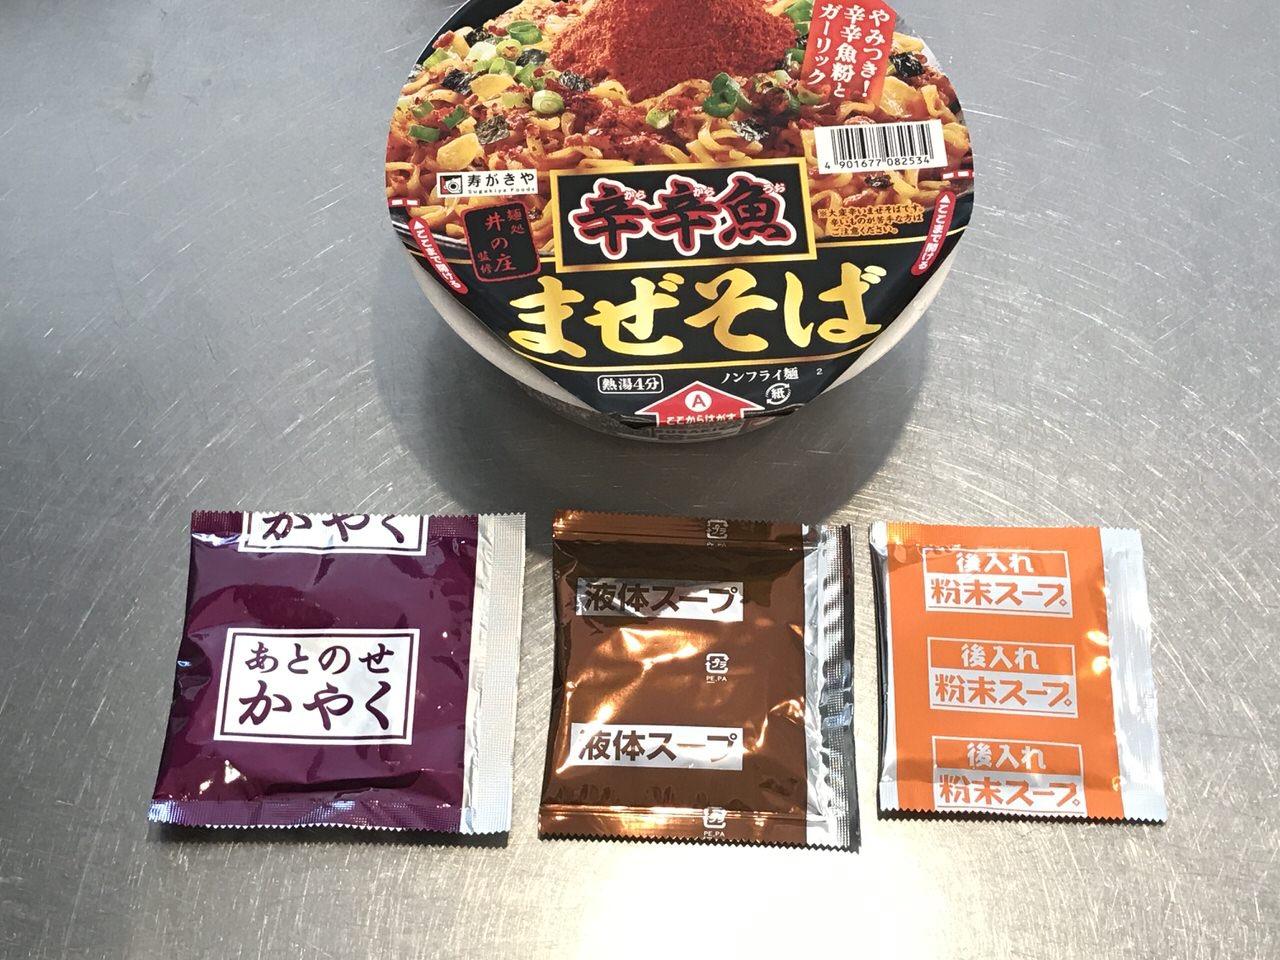 麺処井の庄監修「寿がきや 辛辛魚まぜそば」5